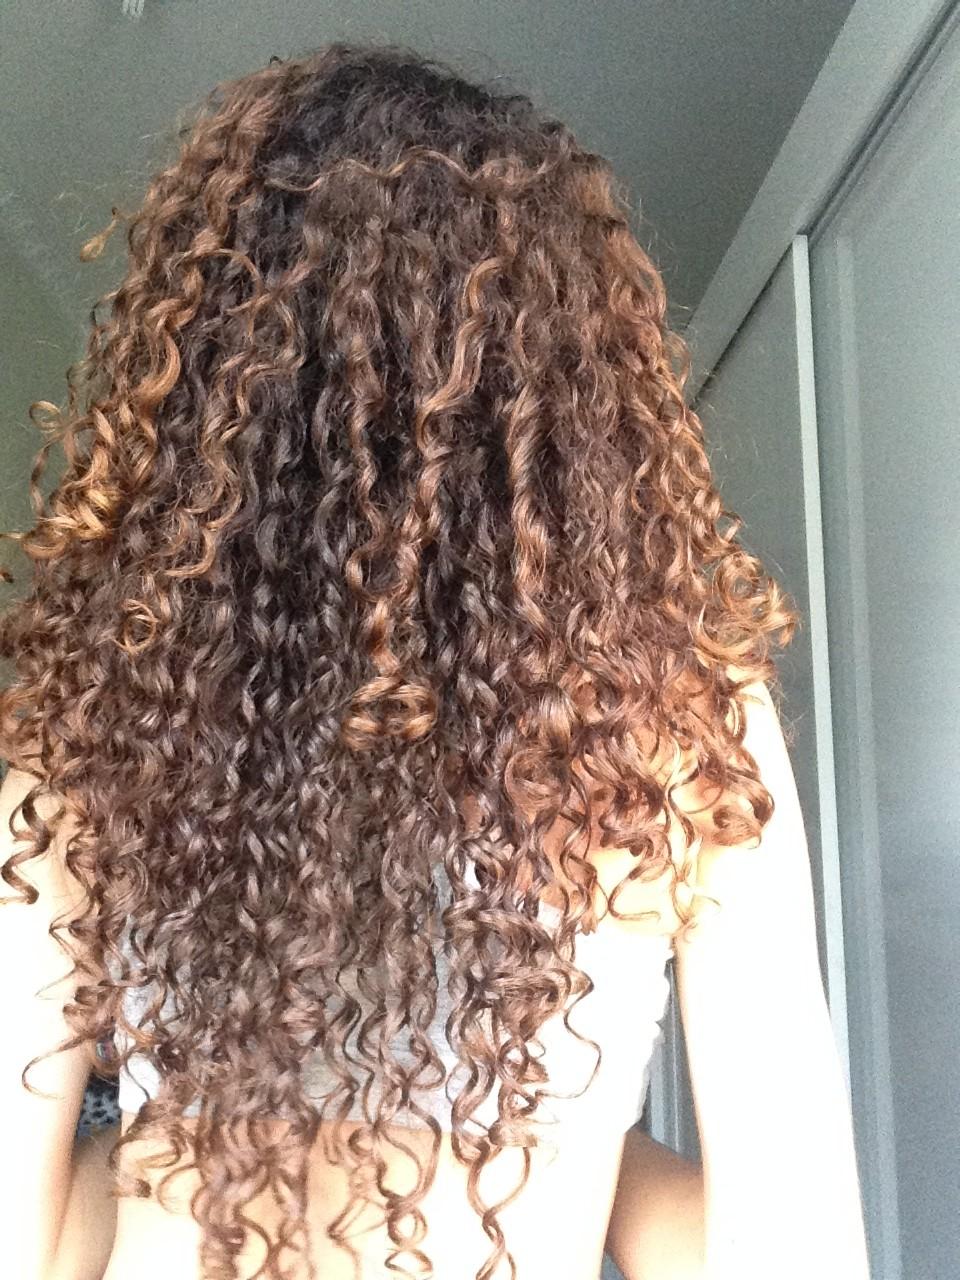 Dicas para prolongar a duração dos cachos - cabelo bonito por vários dias!